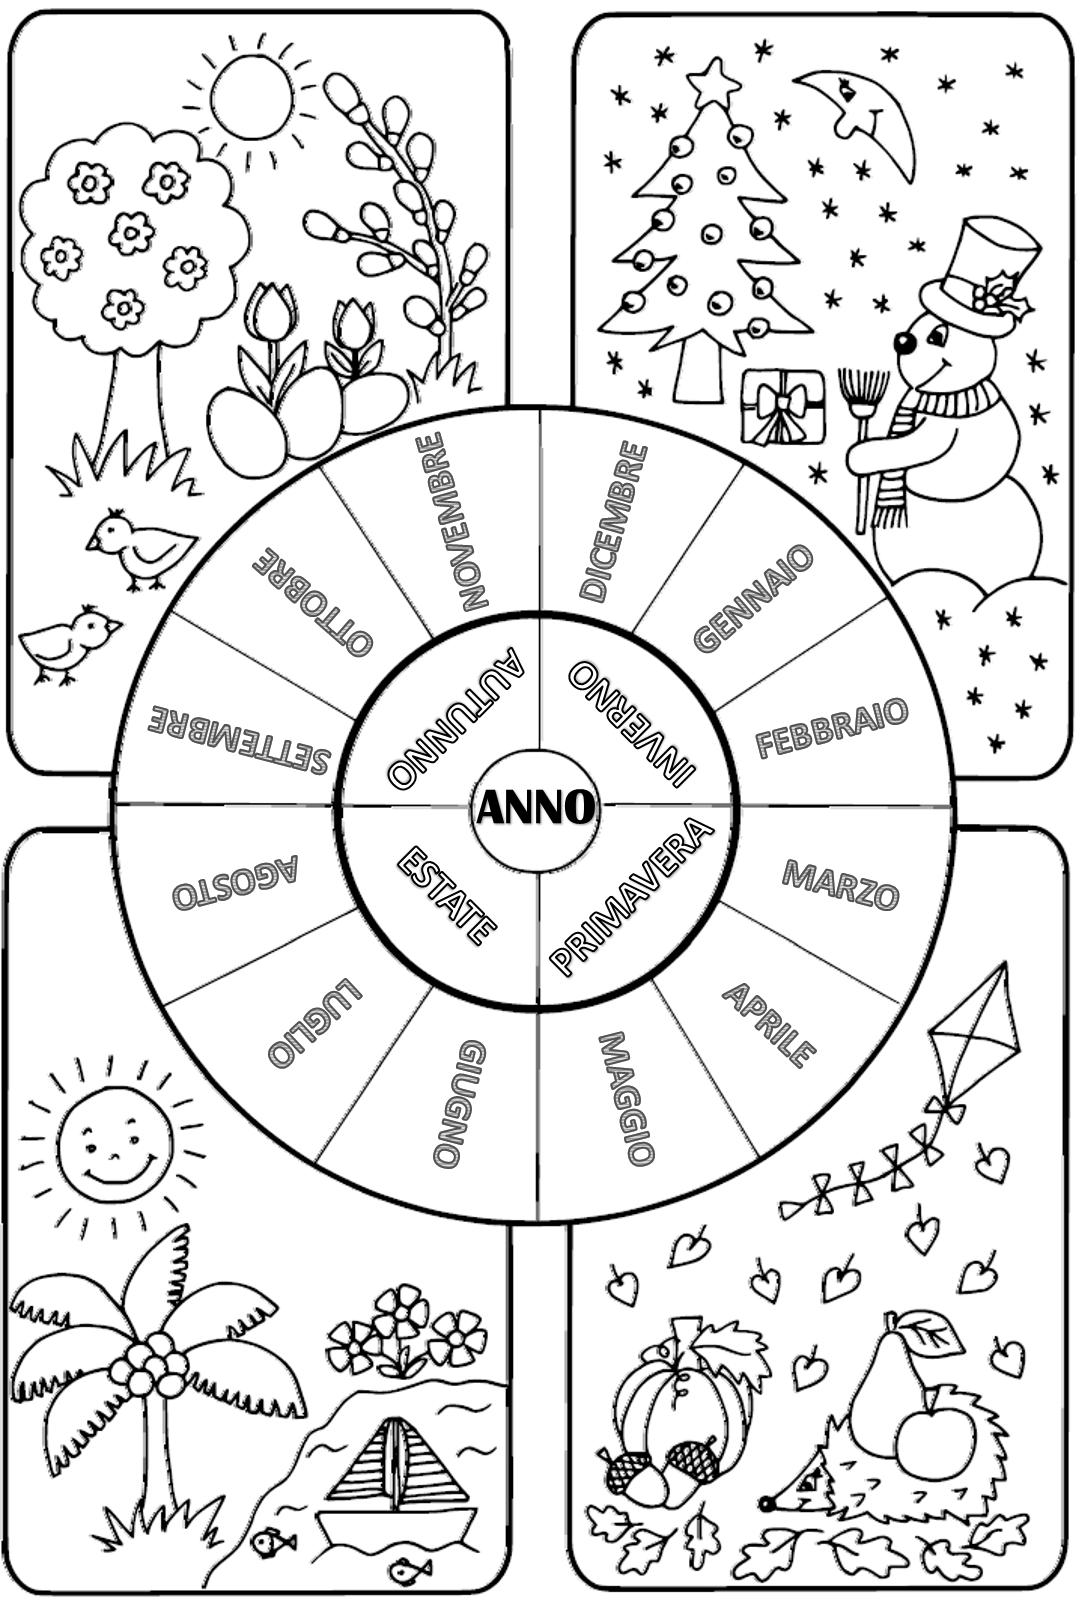 Schede didattiche sulle stagioni scuola primaria nn52 - Immagini di colorare le pagine del libro da colorare ...